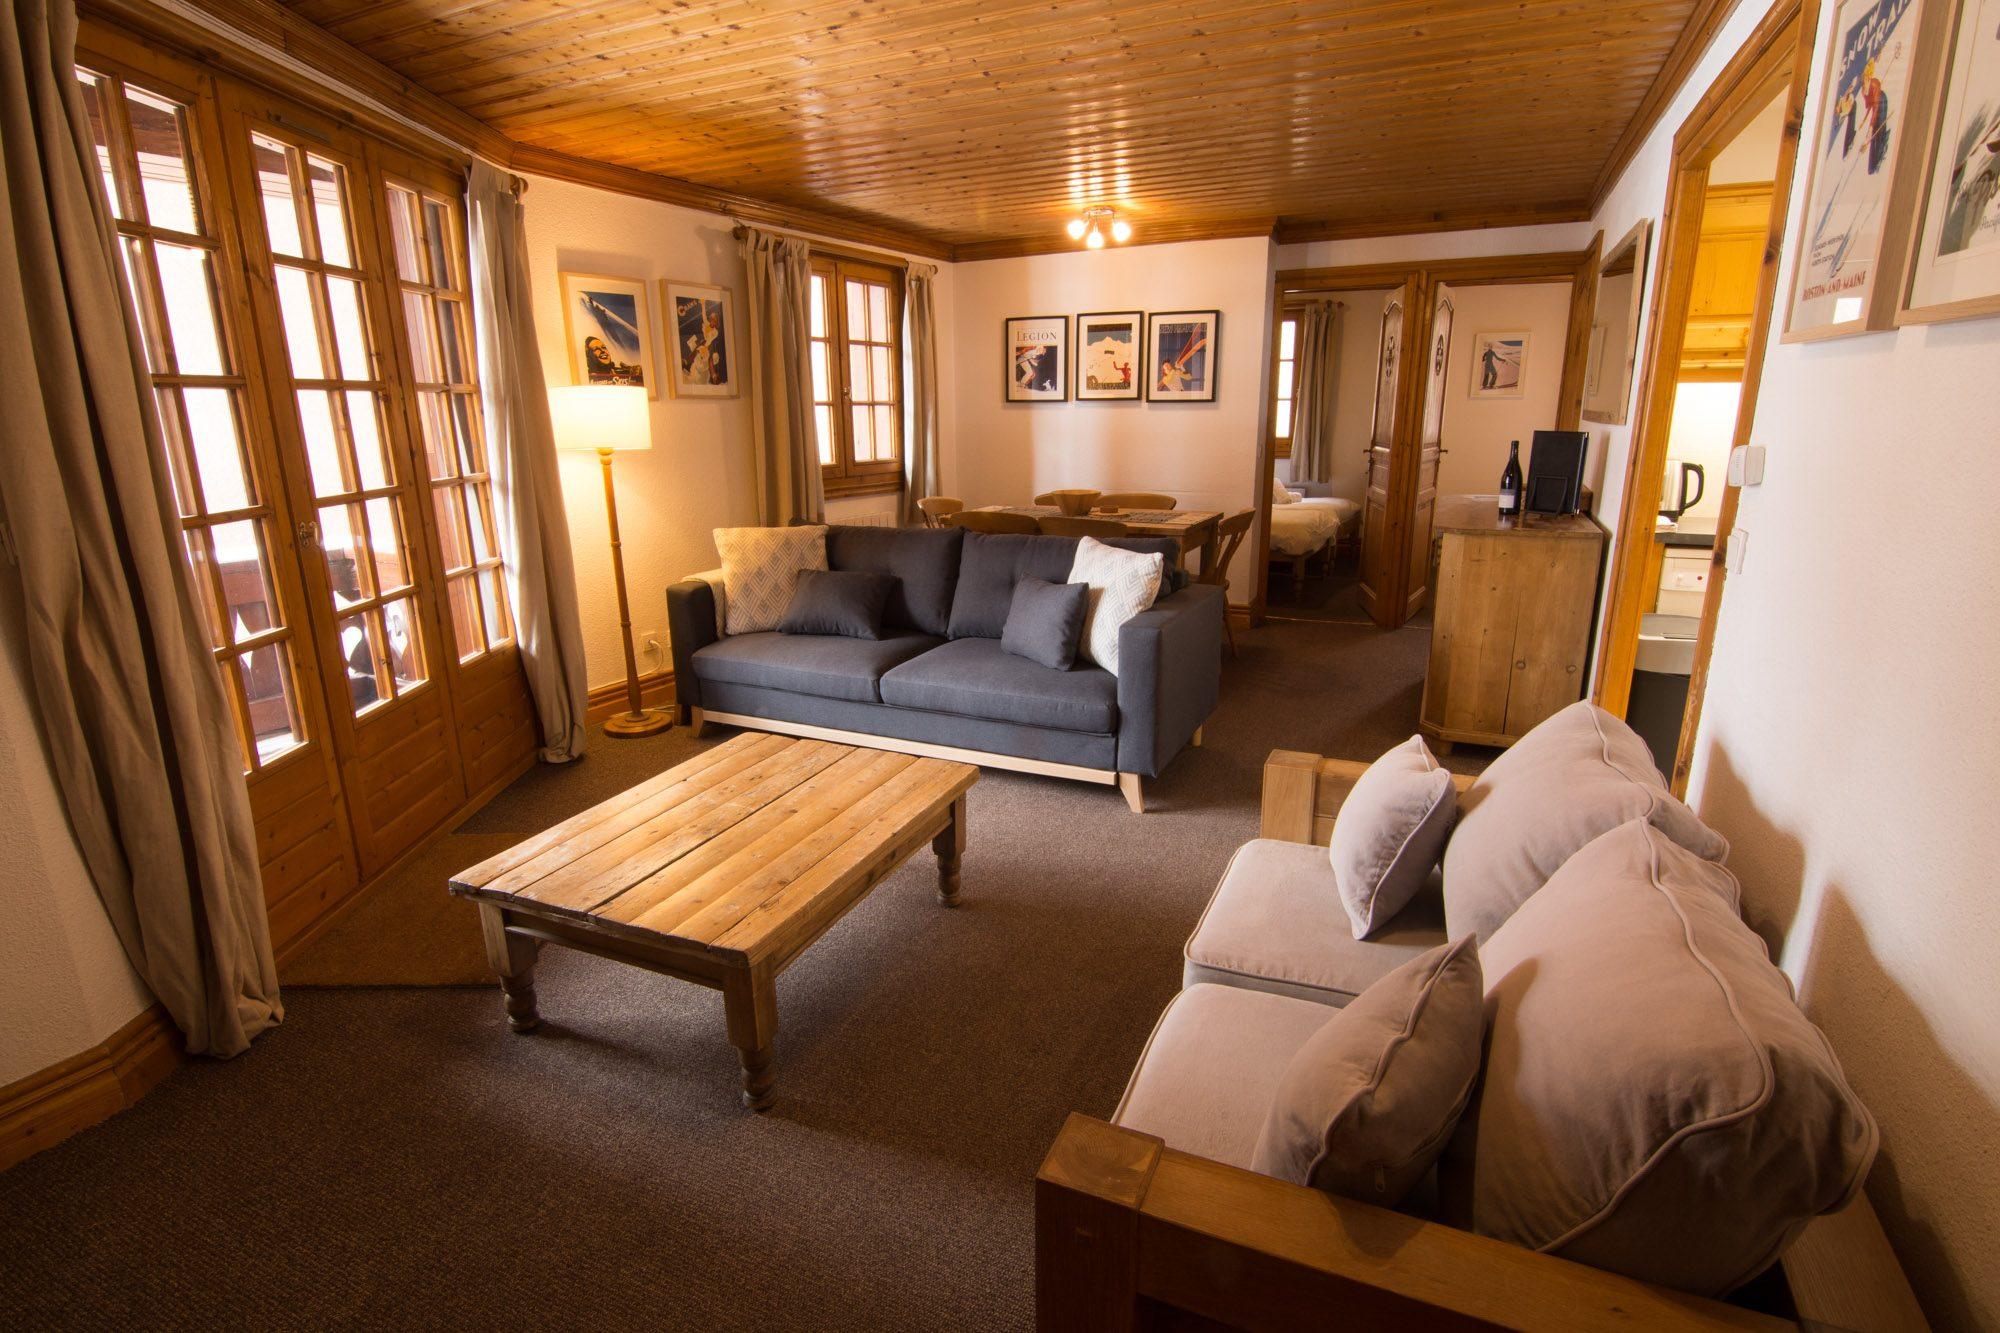 Unieke Woonkamer Iris : Chalet alice velut iris 2 slaapkamer ski appartement te huur in de